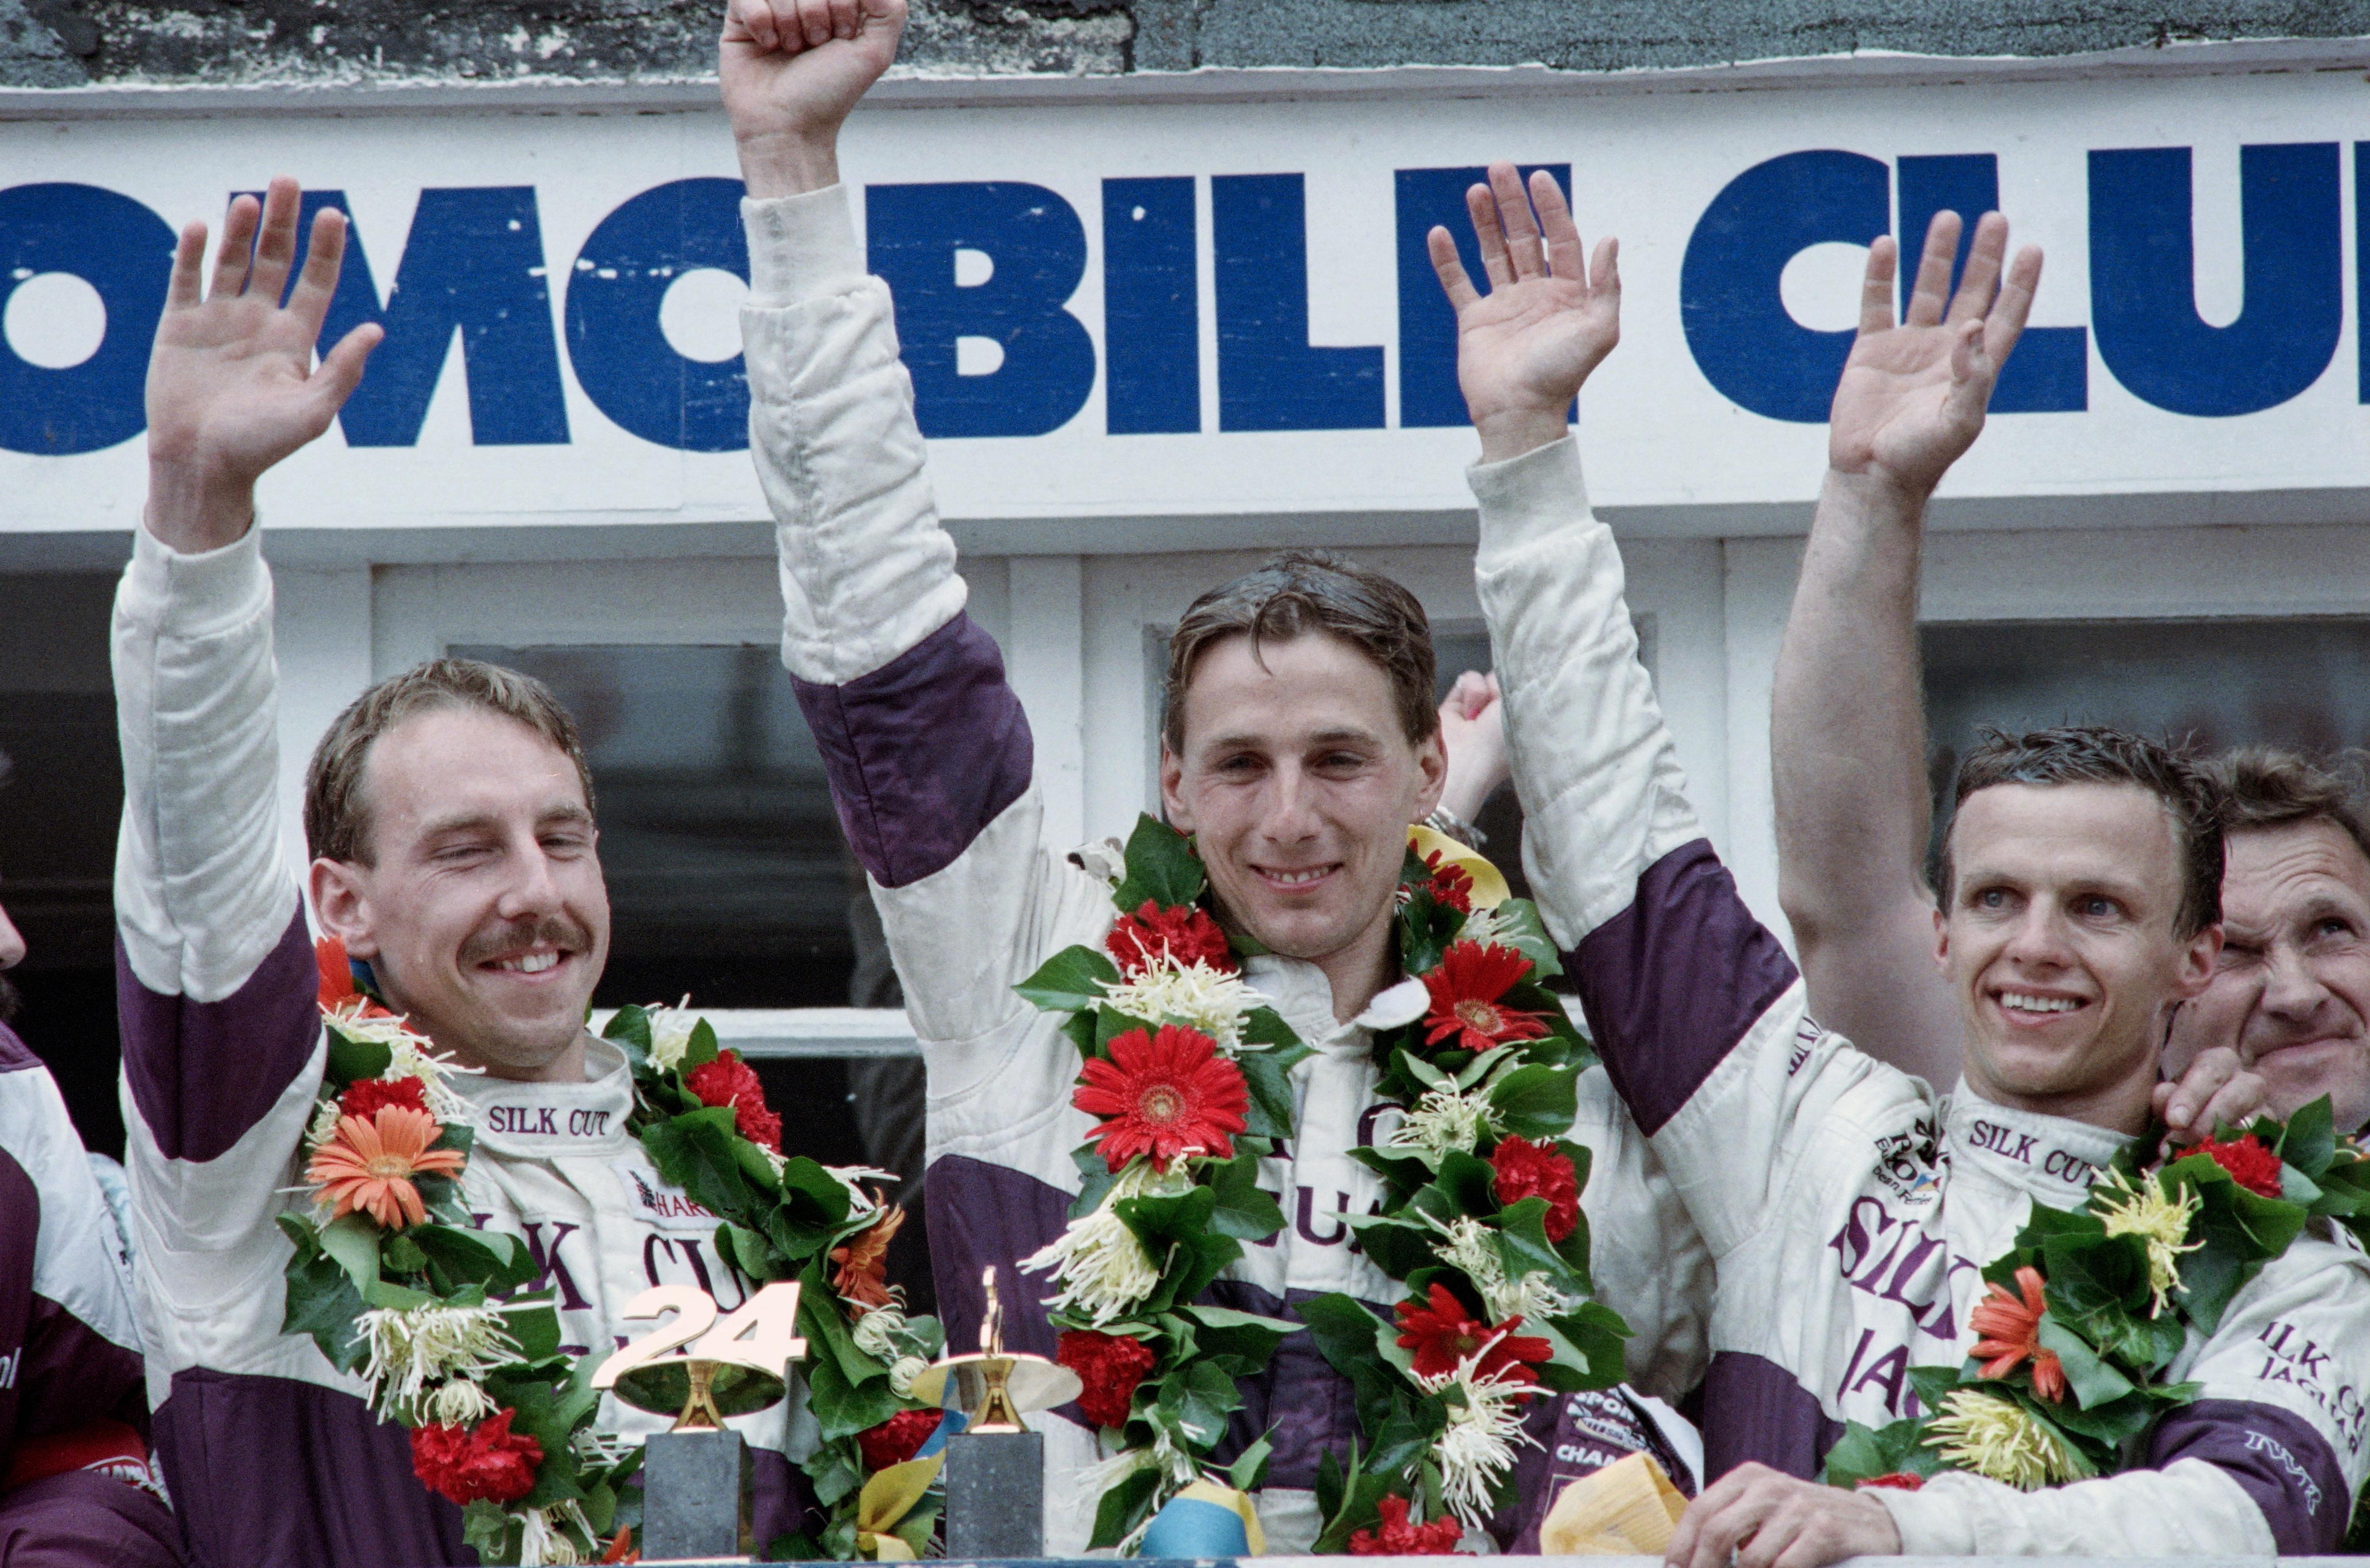 Op deze dag in 1988 werd Jan Lammers een racelegende: In zijn vier wist hij Jaguar zijn eerste overwinning op Le Mans in meer dan dertig jaar te bezorgen [video]